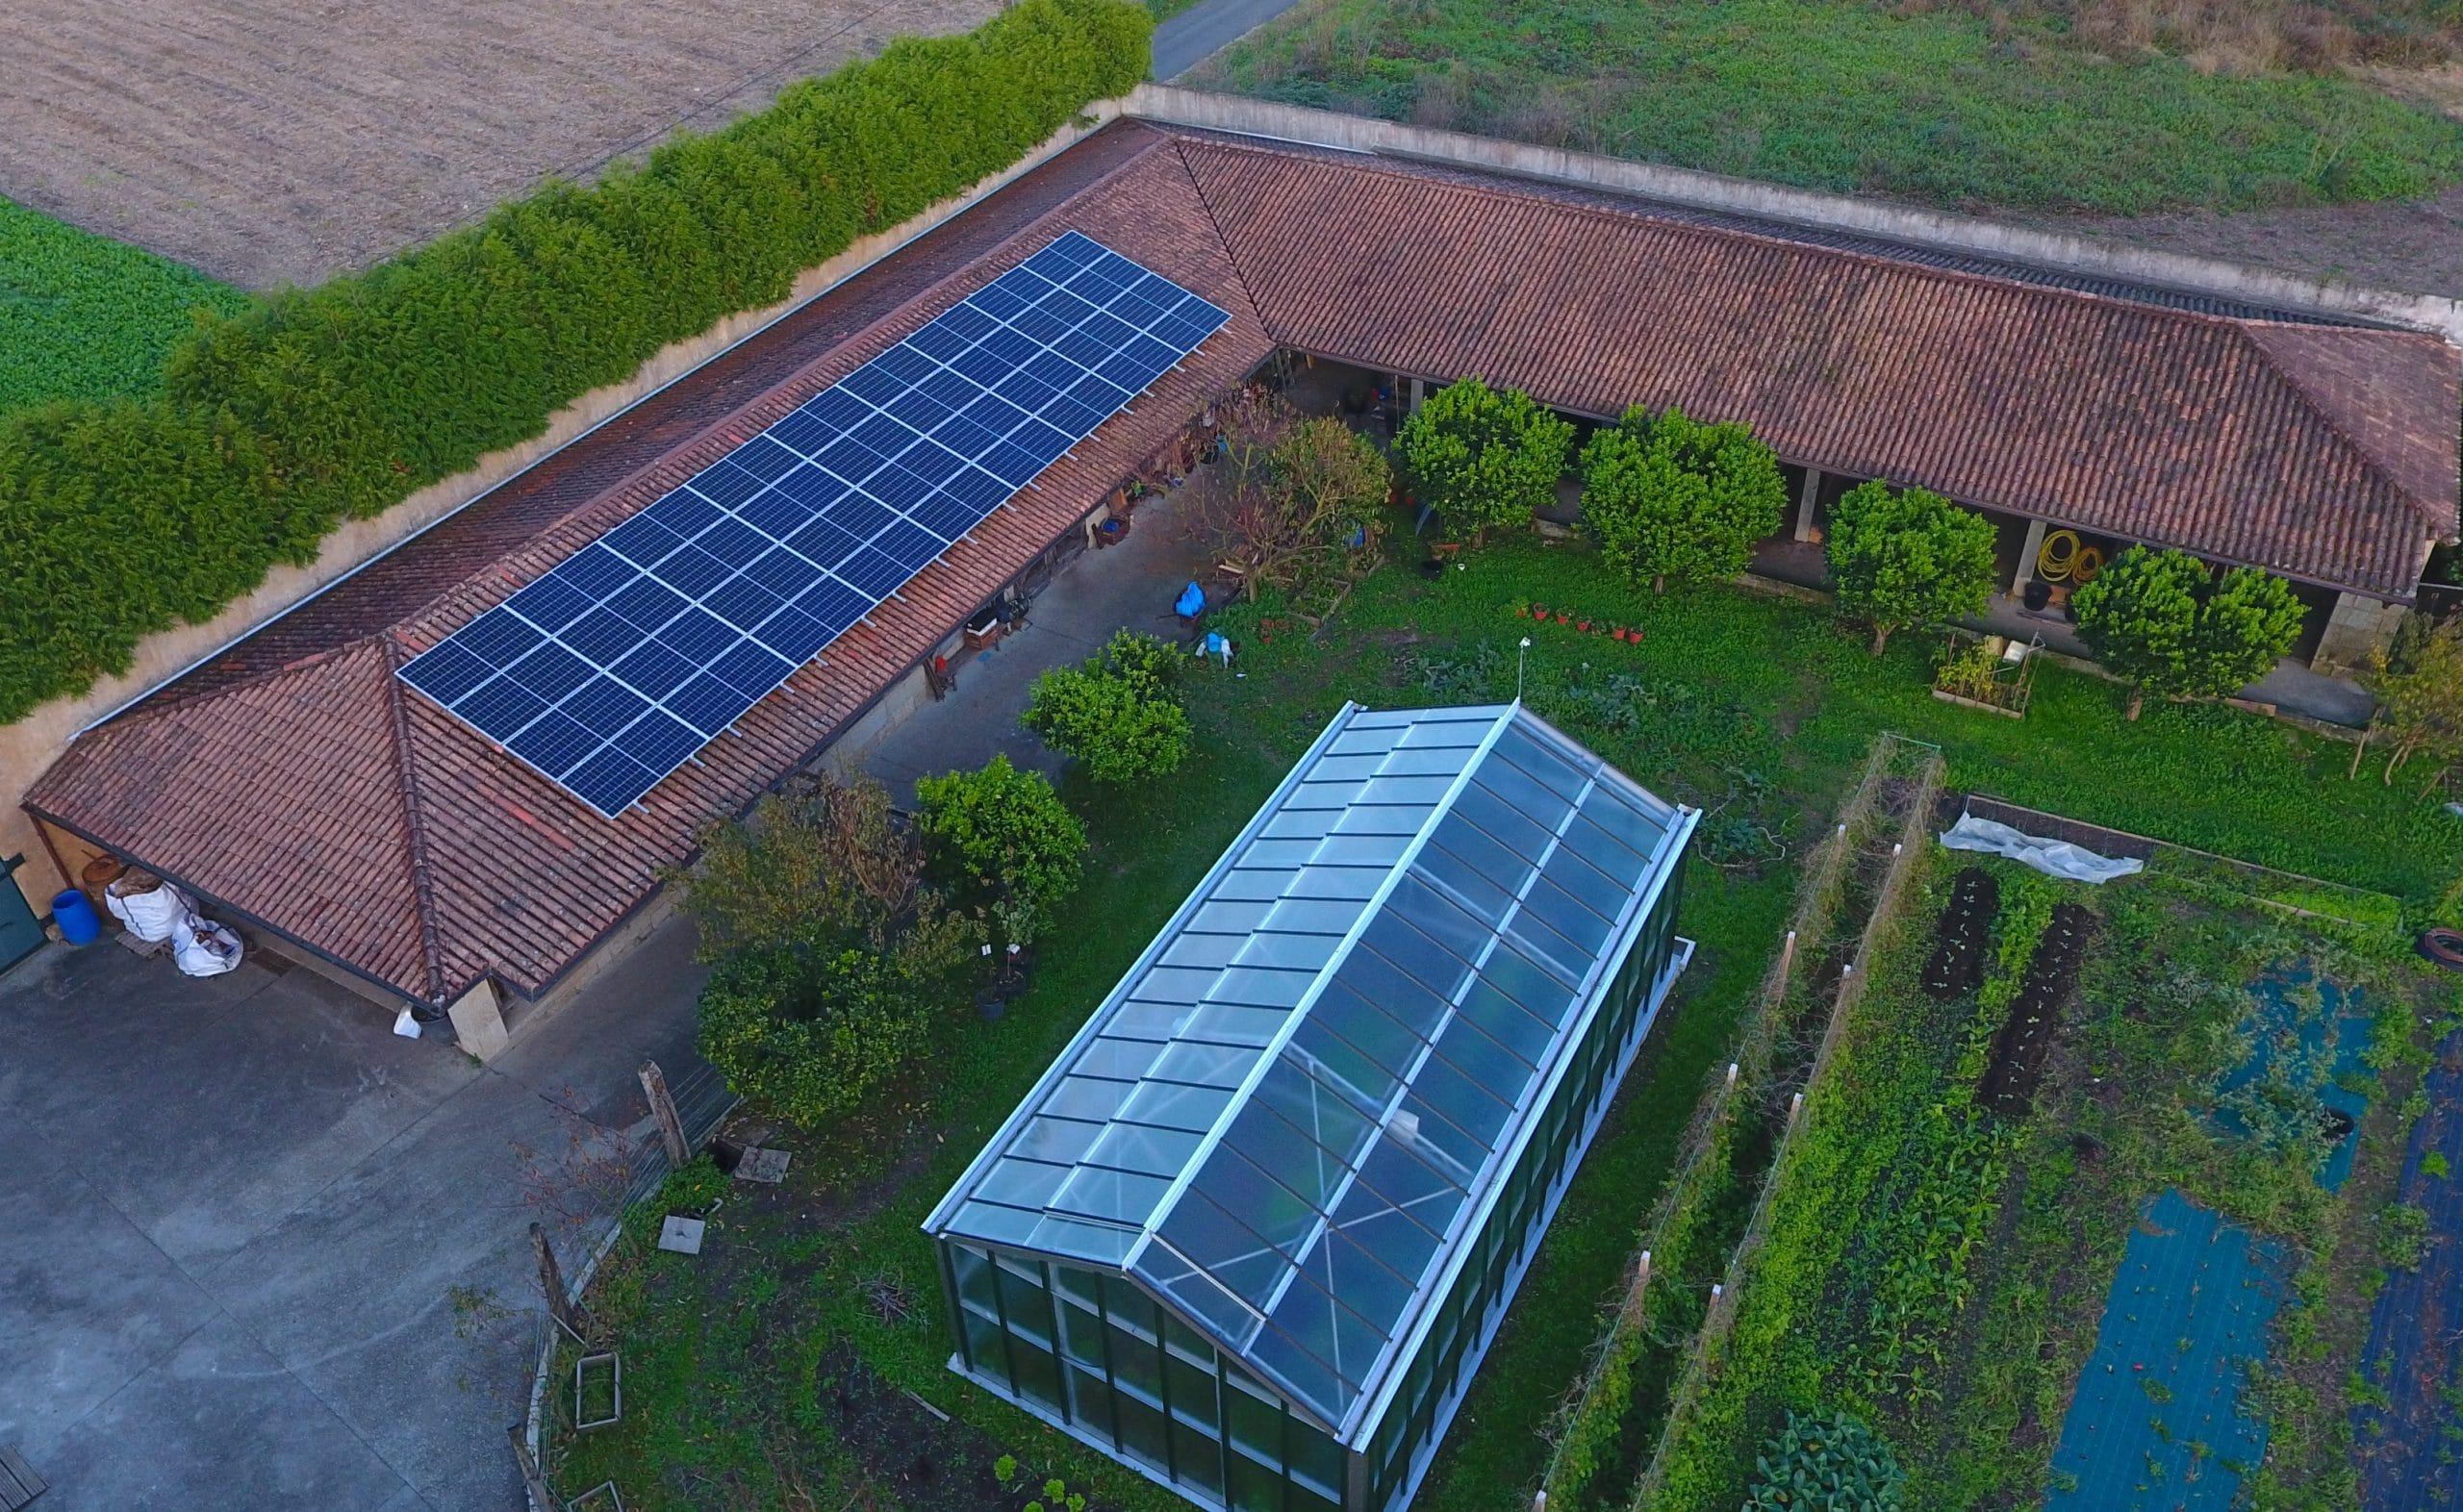 Instalación fotovoltaica para autoconsumo vivienda